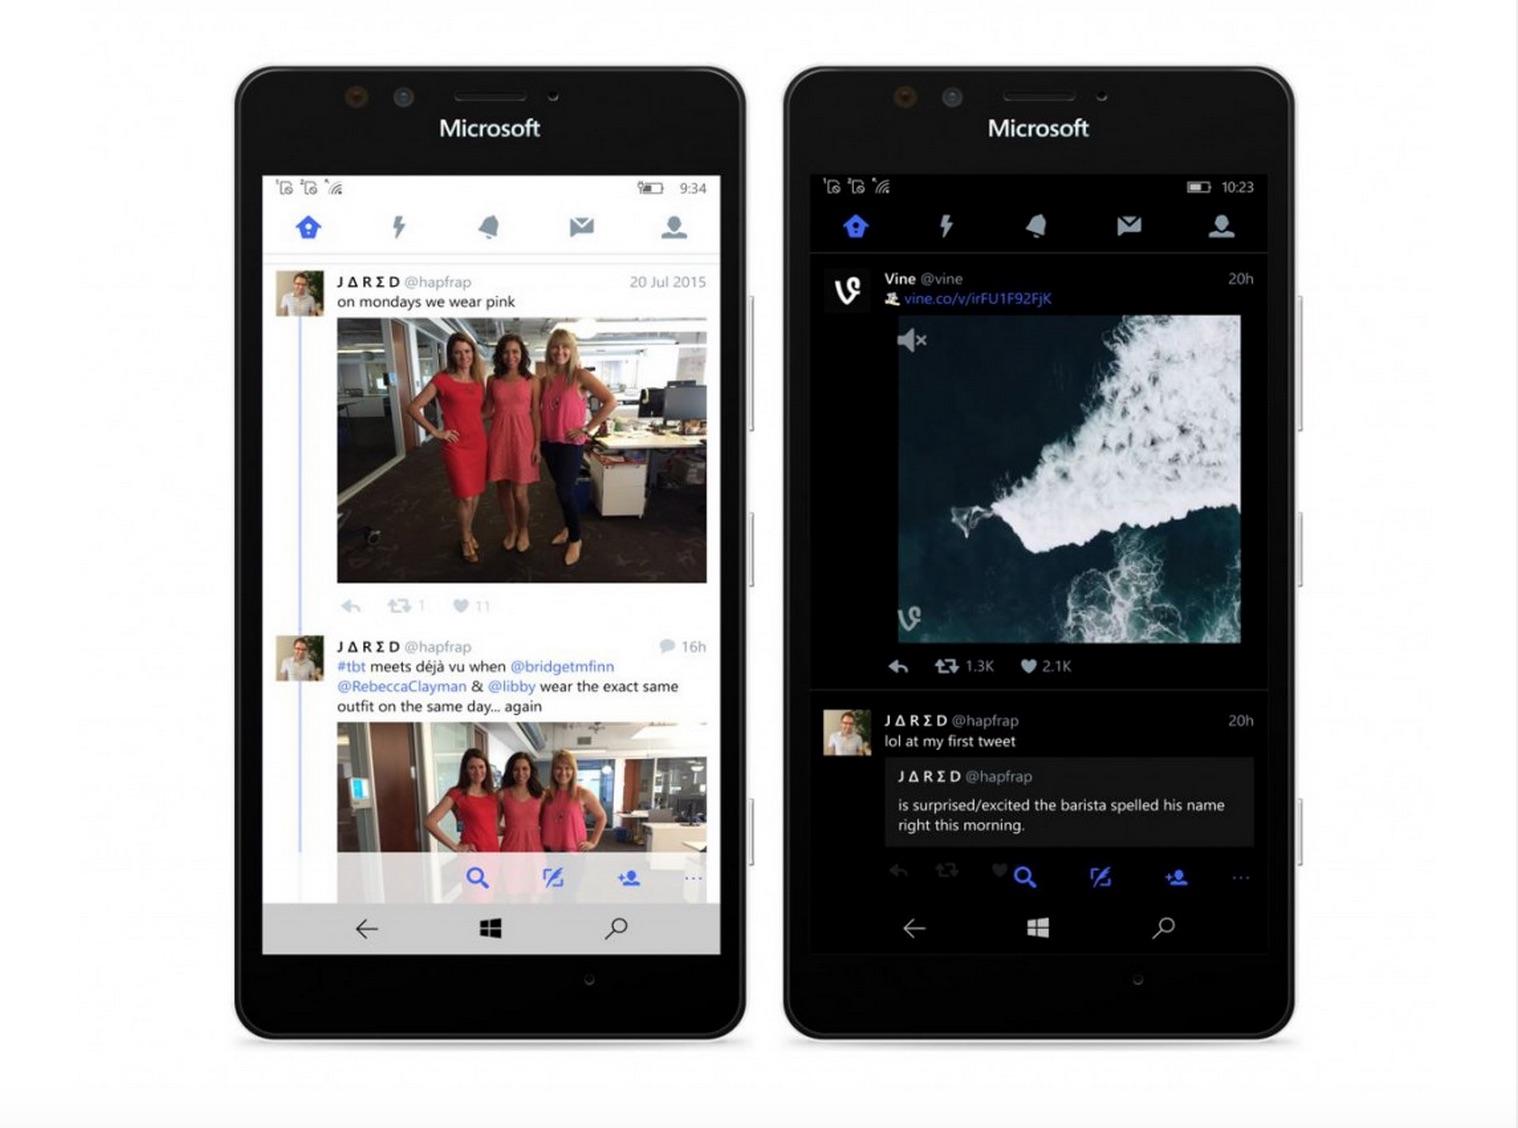 Twitter App on WIndows 10 Mobile